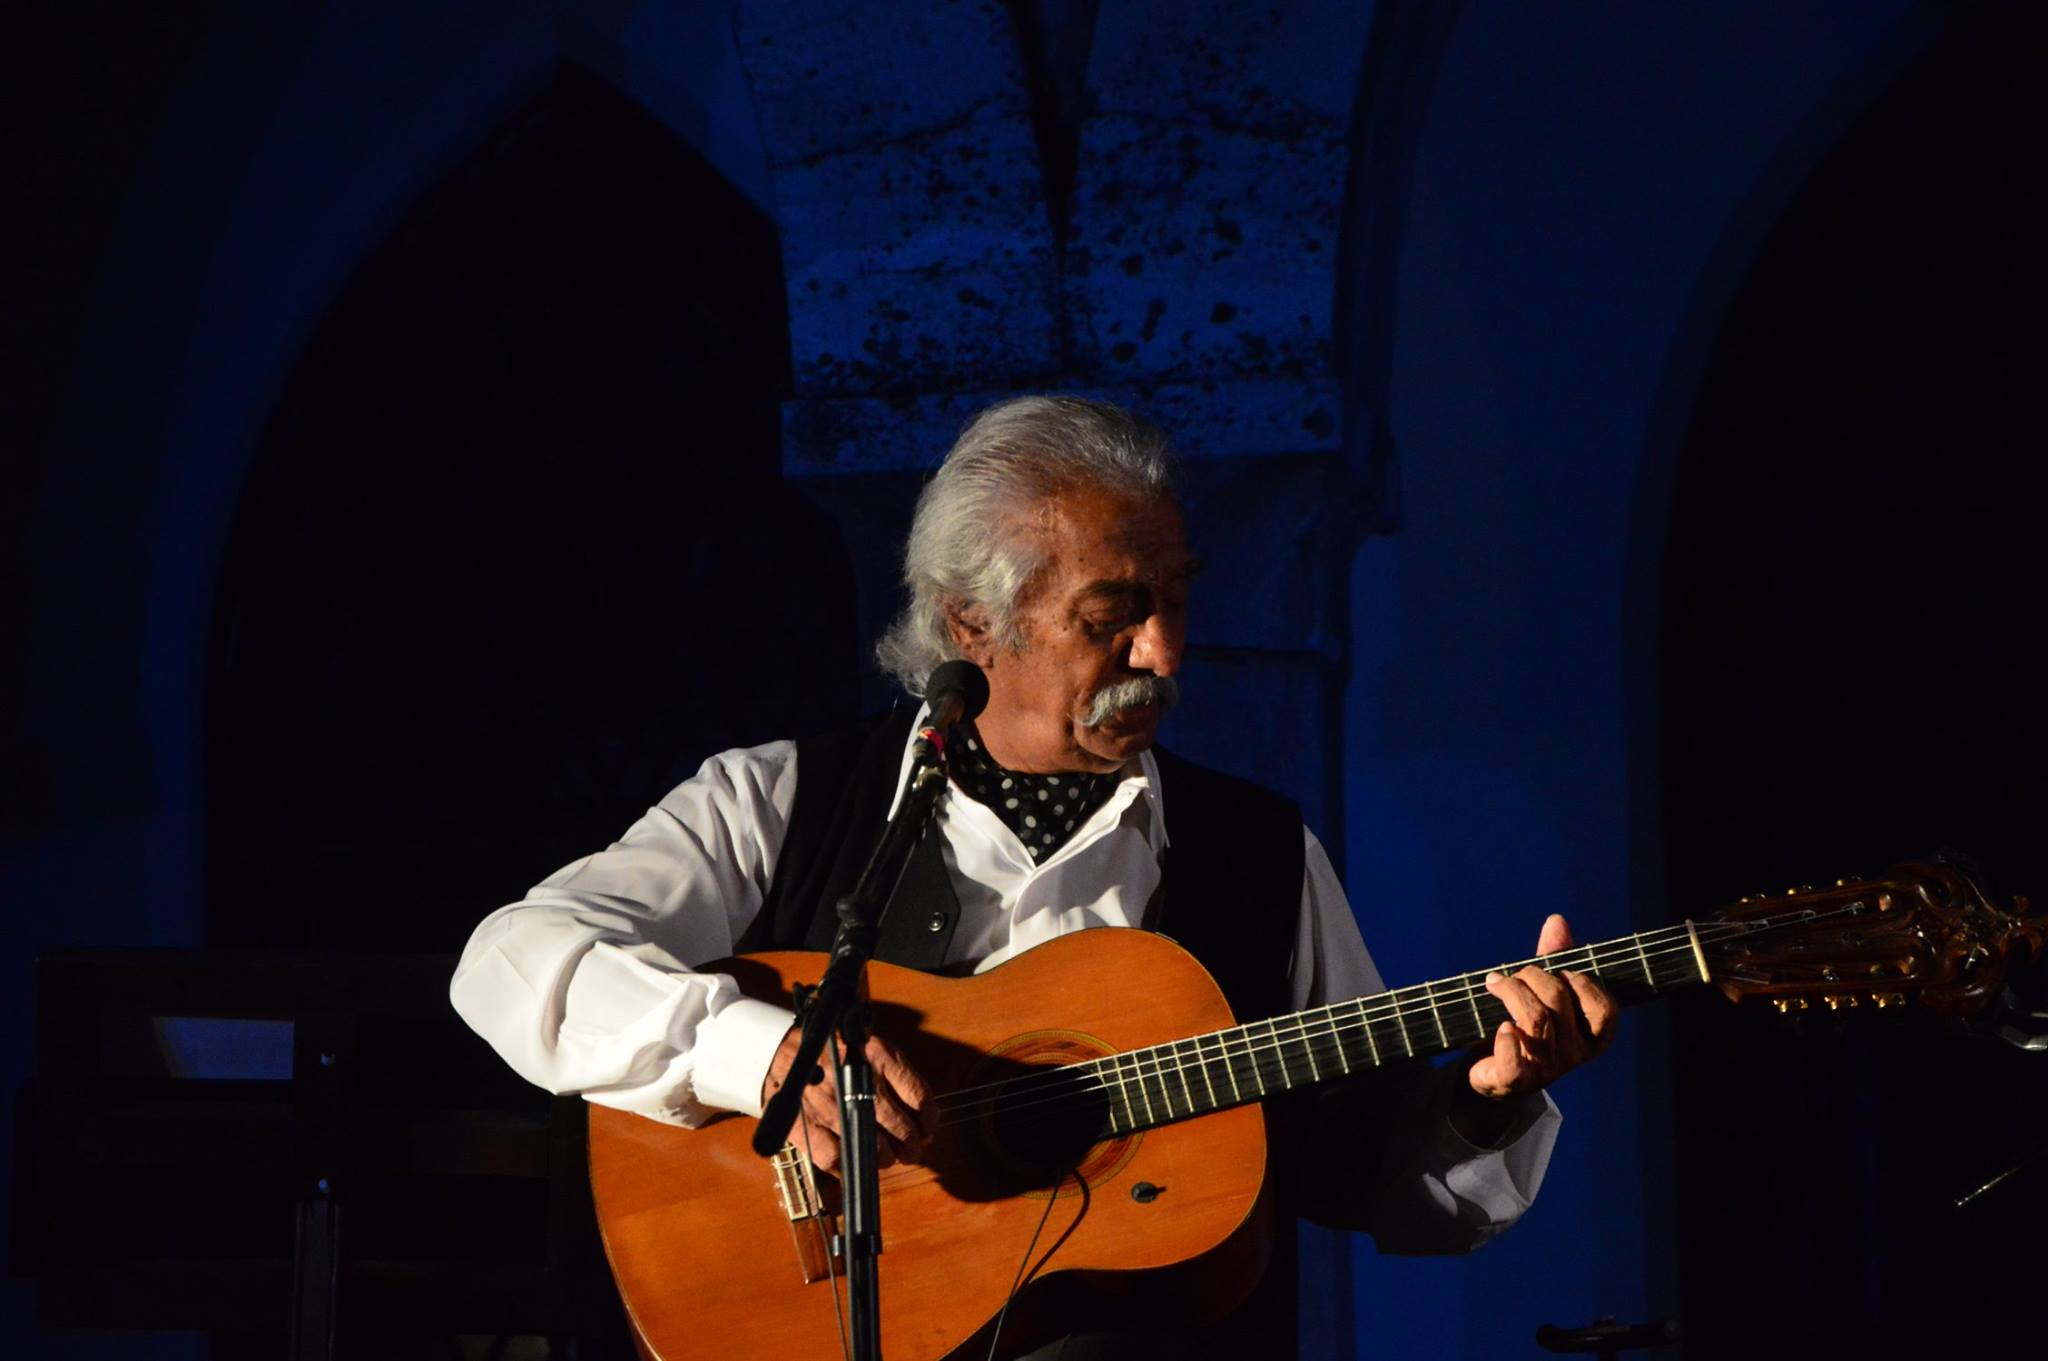 Η συναυλία του Κώστα Χατζή στο Μέγαρο Δουκίσσης Πλακεντίας